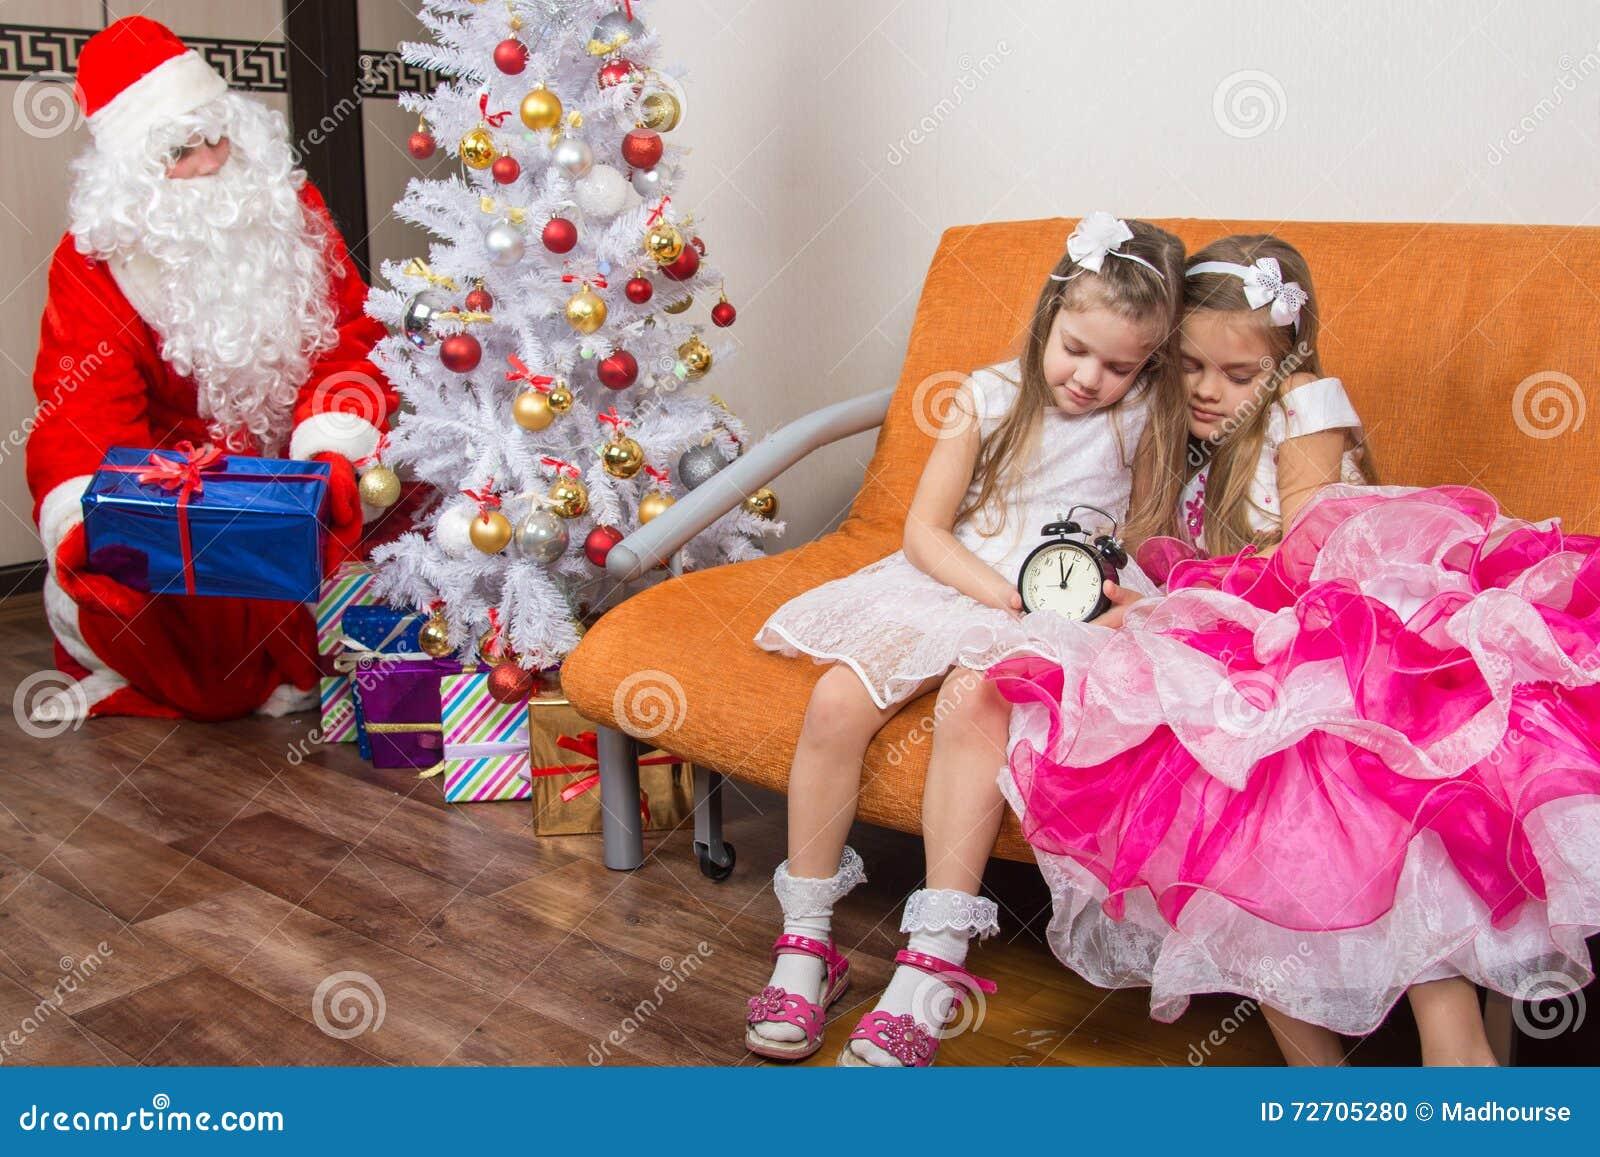 Schwestern schliefen beim Warten auf Santa Claus ein, die ruhig Geschenke unter den Weihnachtsbaum setzte